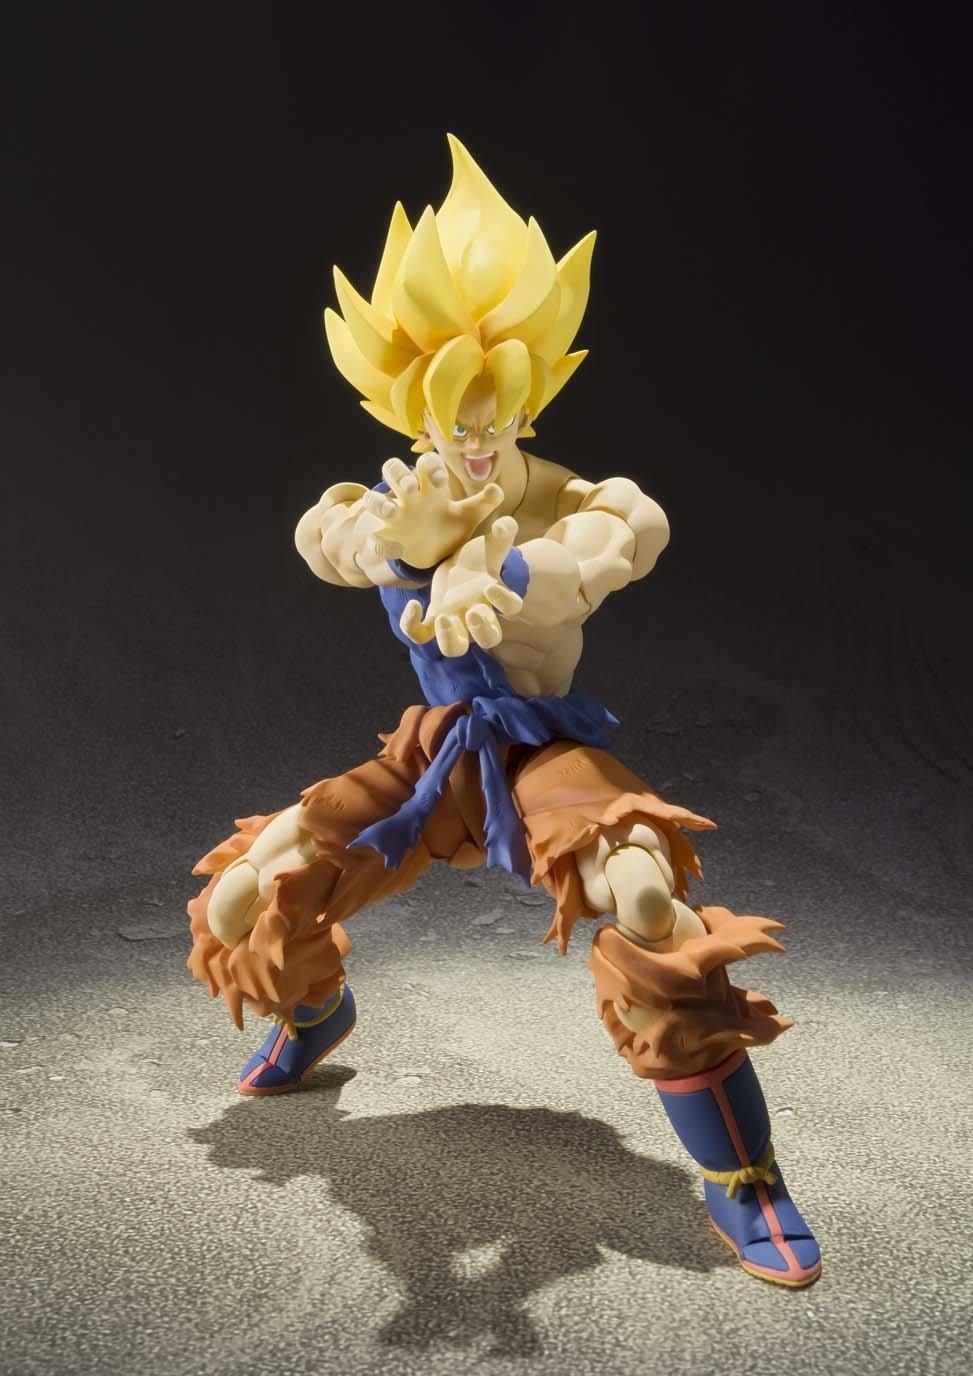 S.H. Figuarts – Super Saiyan Son Goku Warrior Awakening